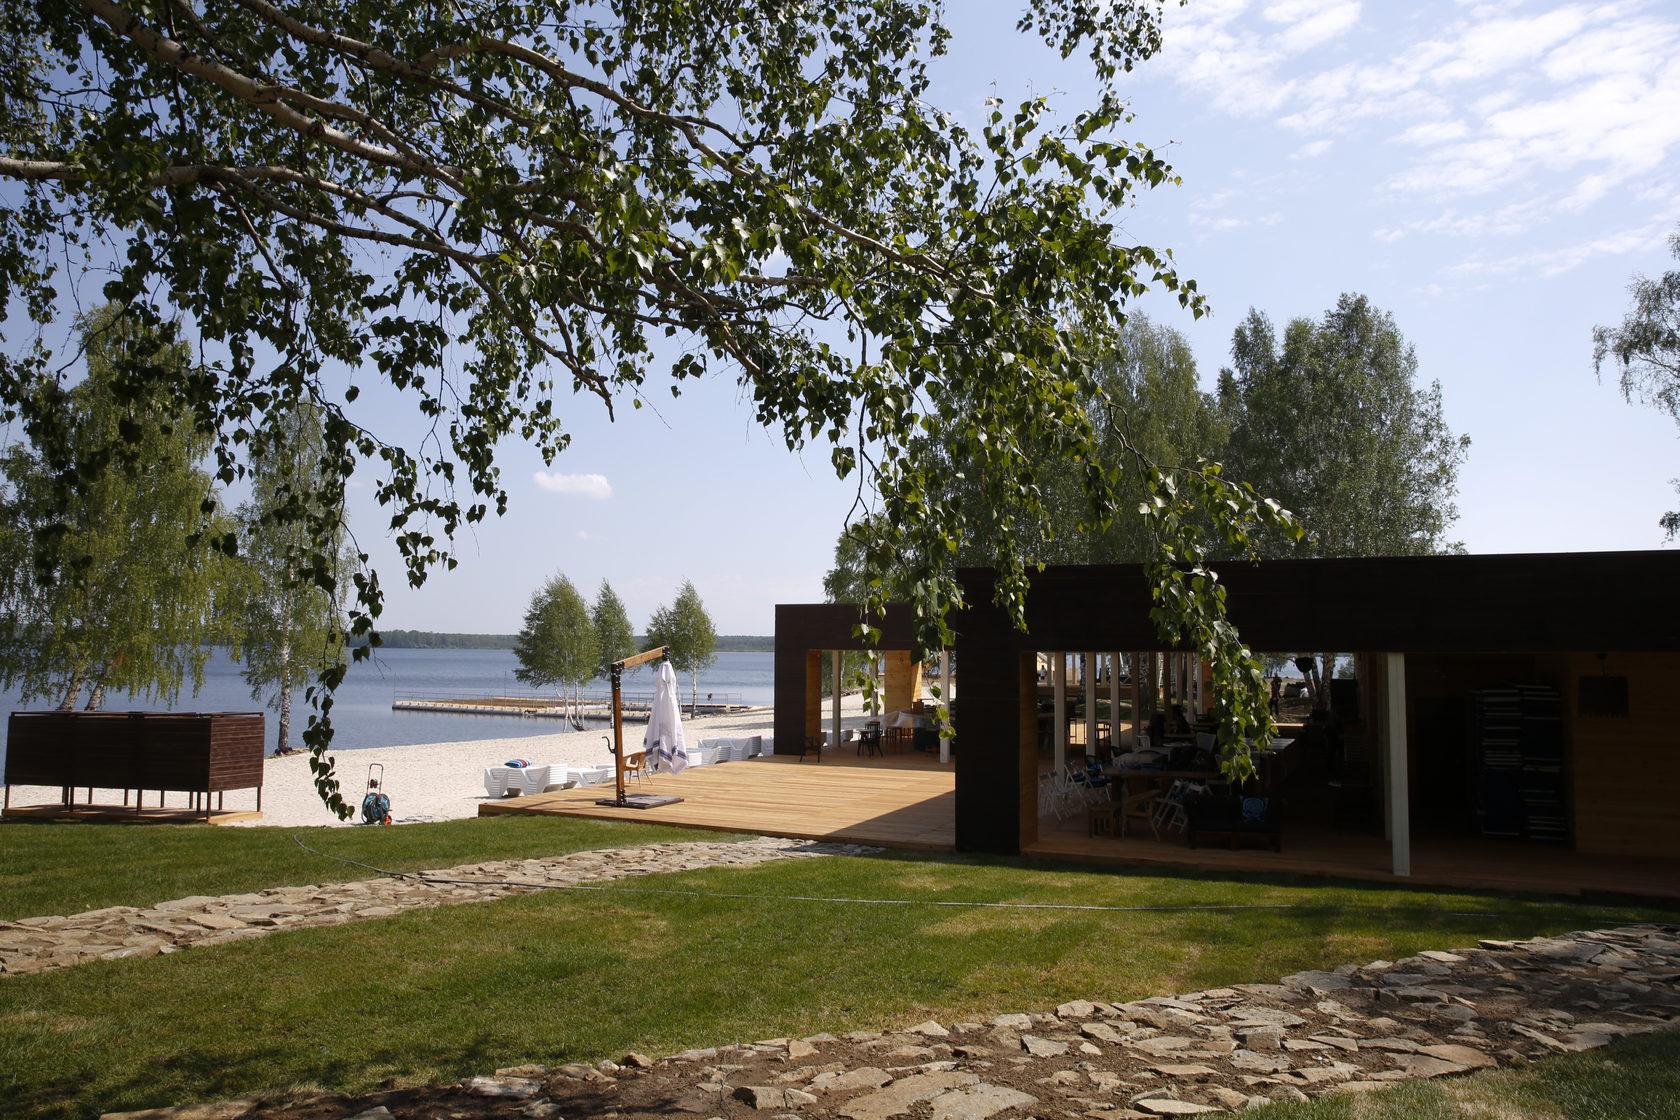 baltim-plyazh-ekaterinburg